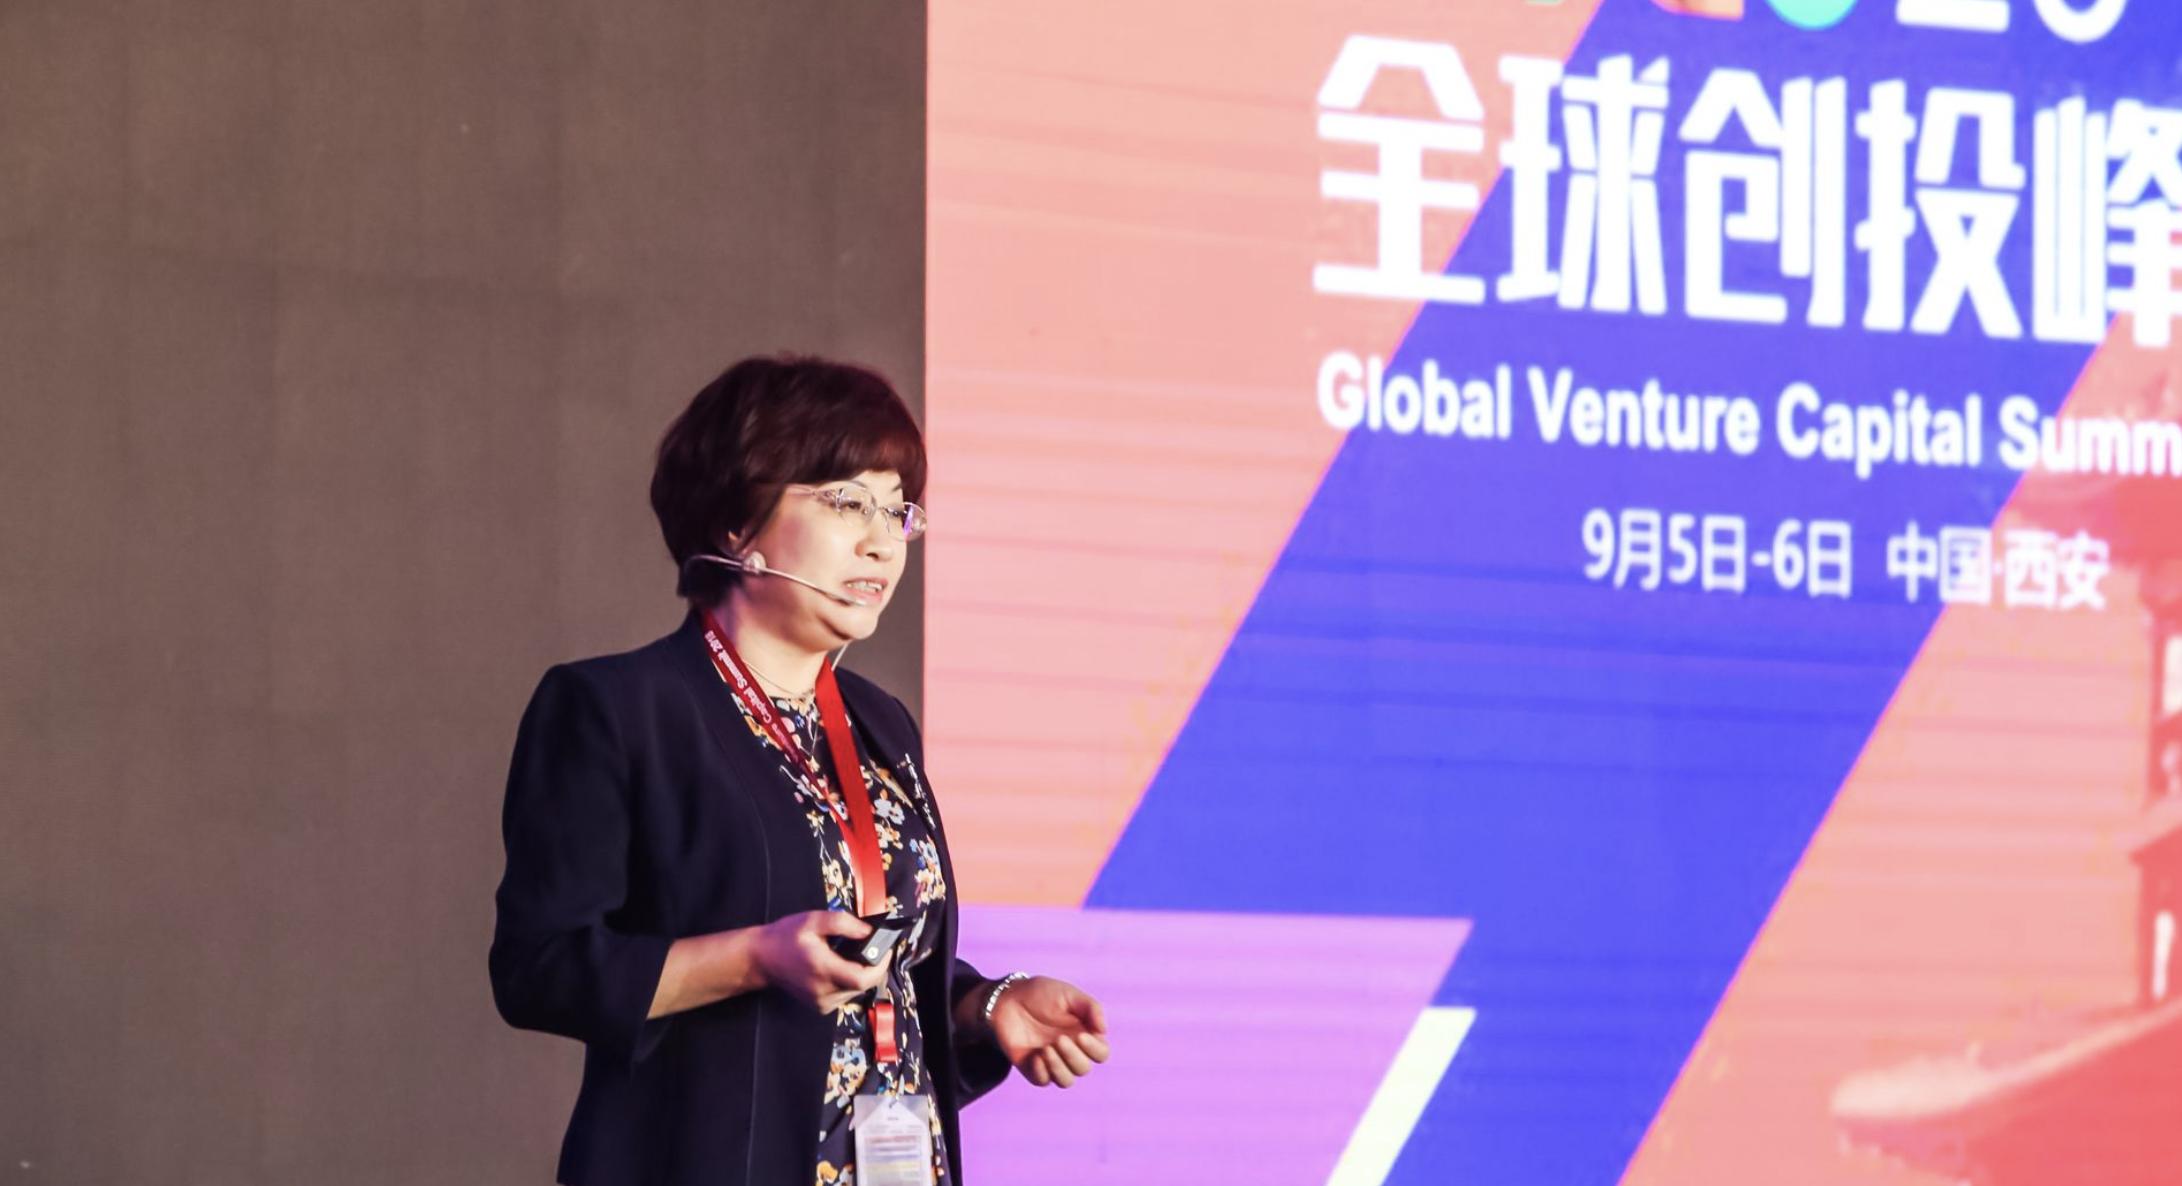 宫蒲玲:小富即安的企业不是创投公司的选择对象